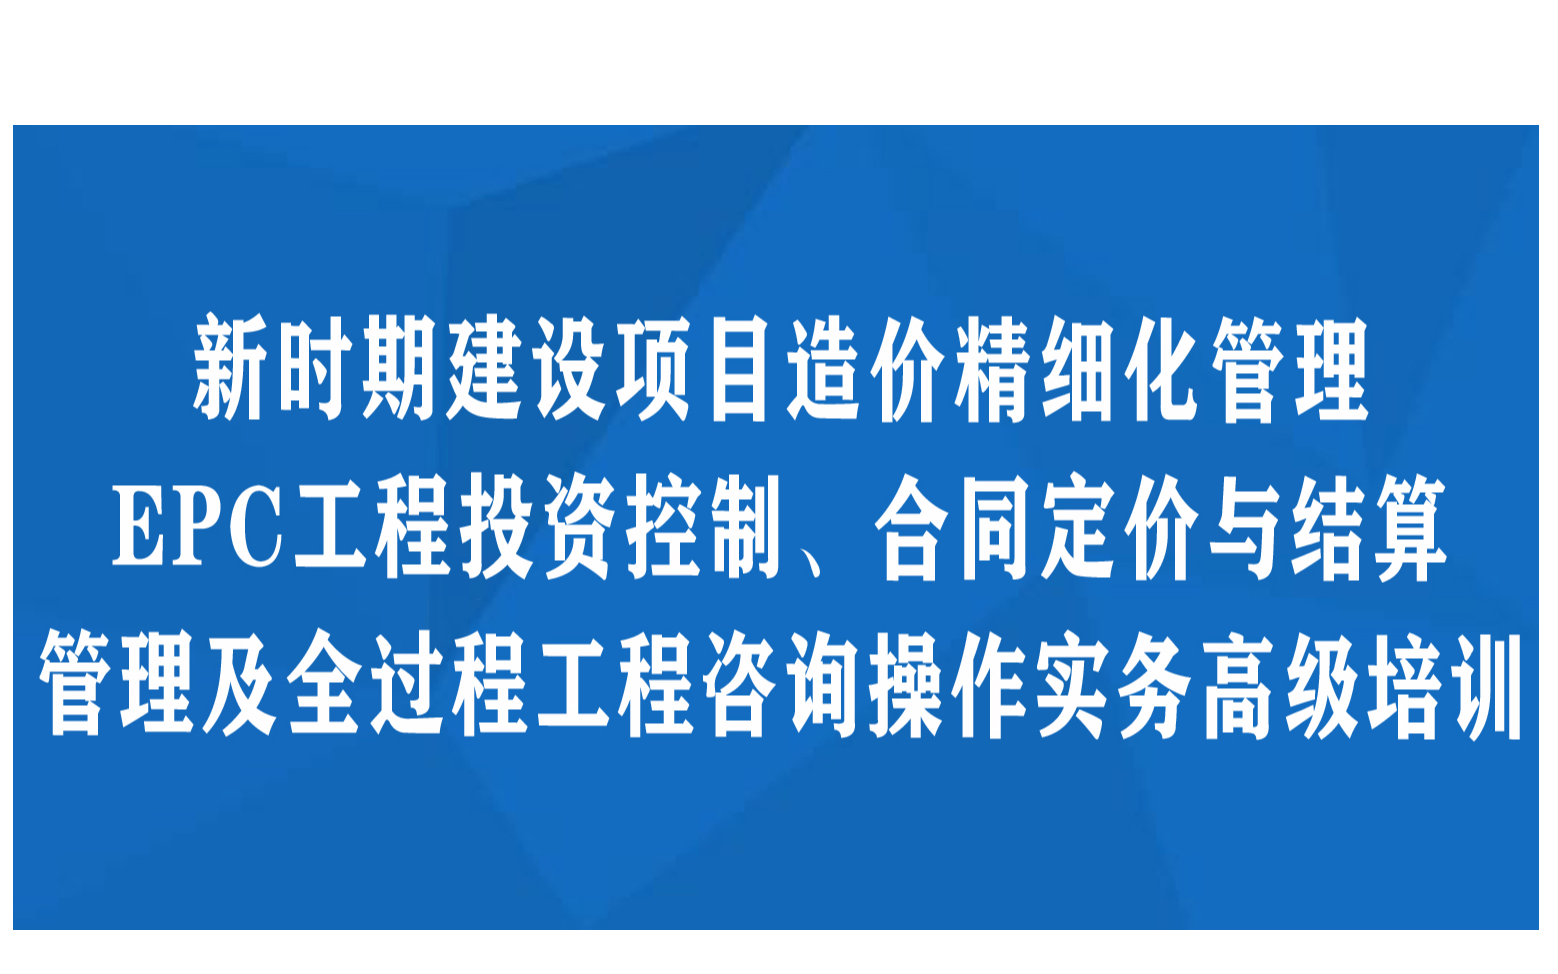 青岛线下课程:新时期建设项目造价精细化管理、EPC工程投资控制、合同定价与结算管理及全过程工程咨询操作实务高级培训班